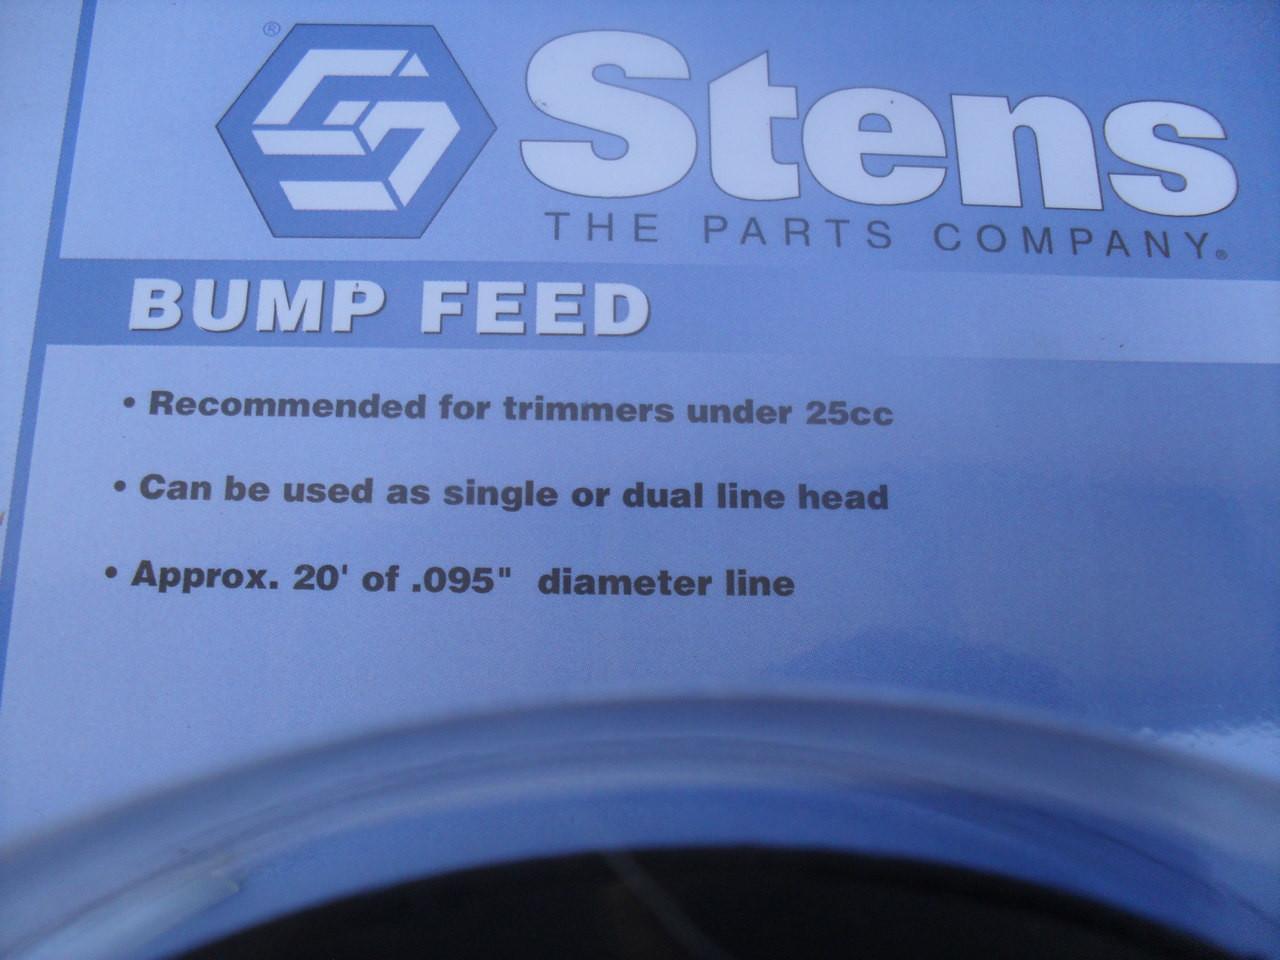 Bump Feed Head for MCculloch eb Series I, ISL, ISX, II, IISL, IISX